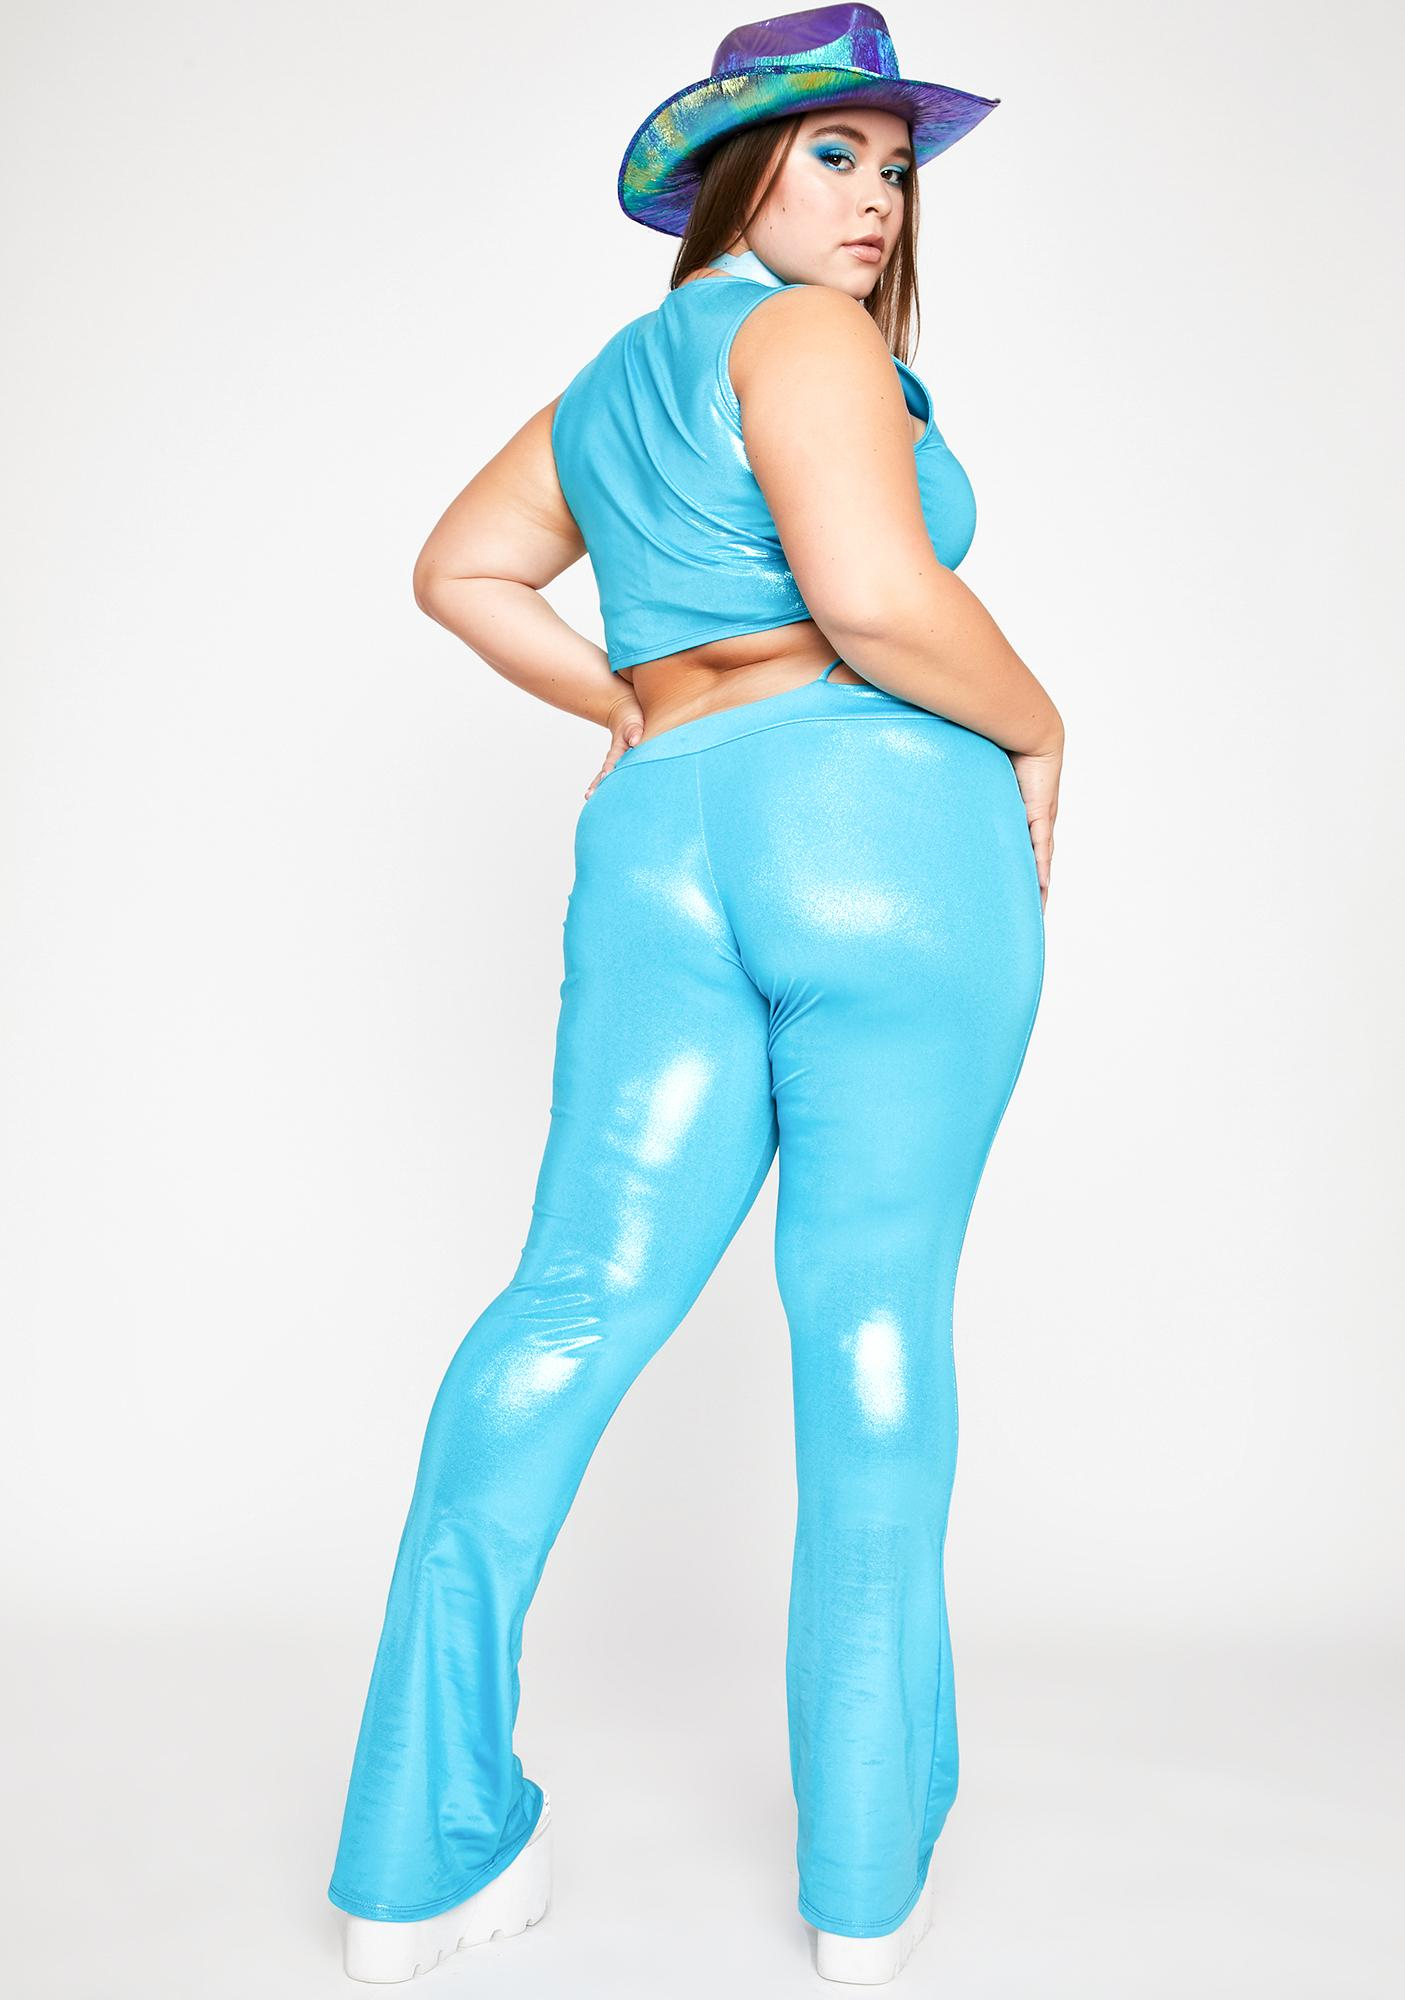 Aqua Got Nuclear Waves G-String Pants